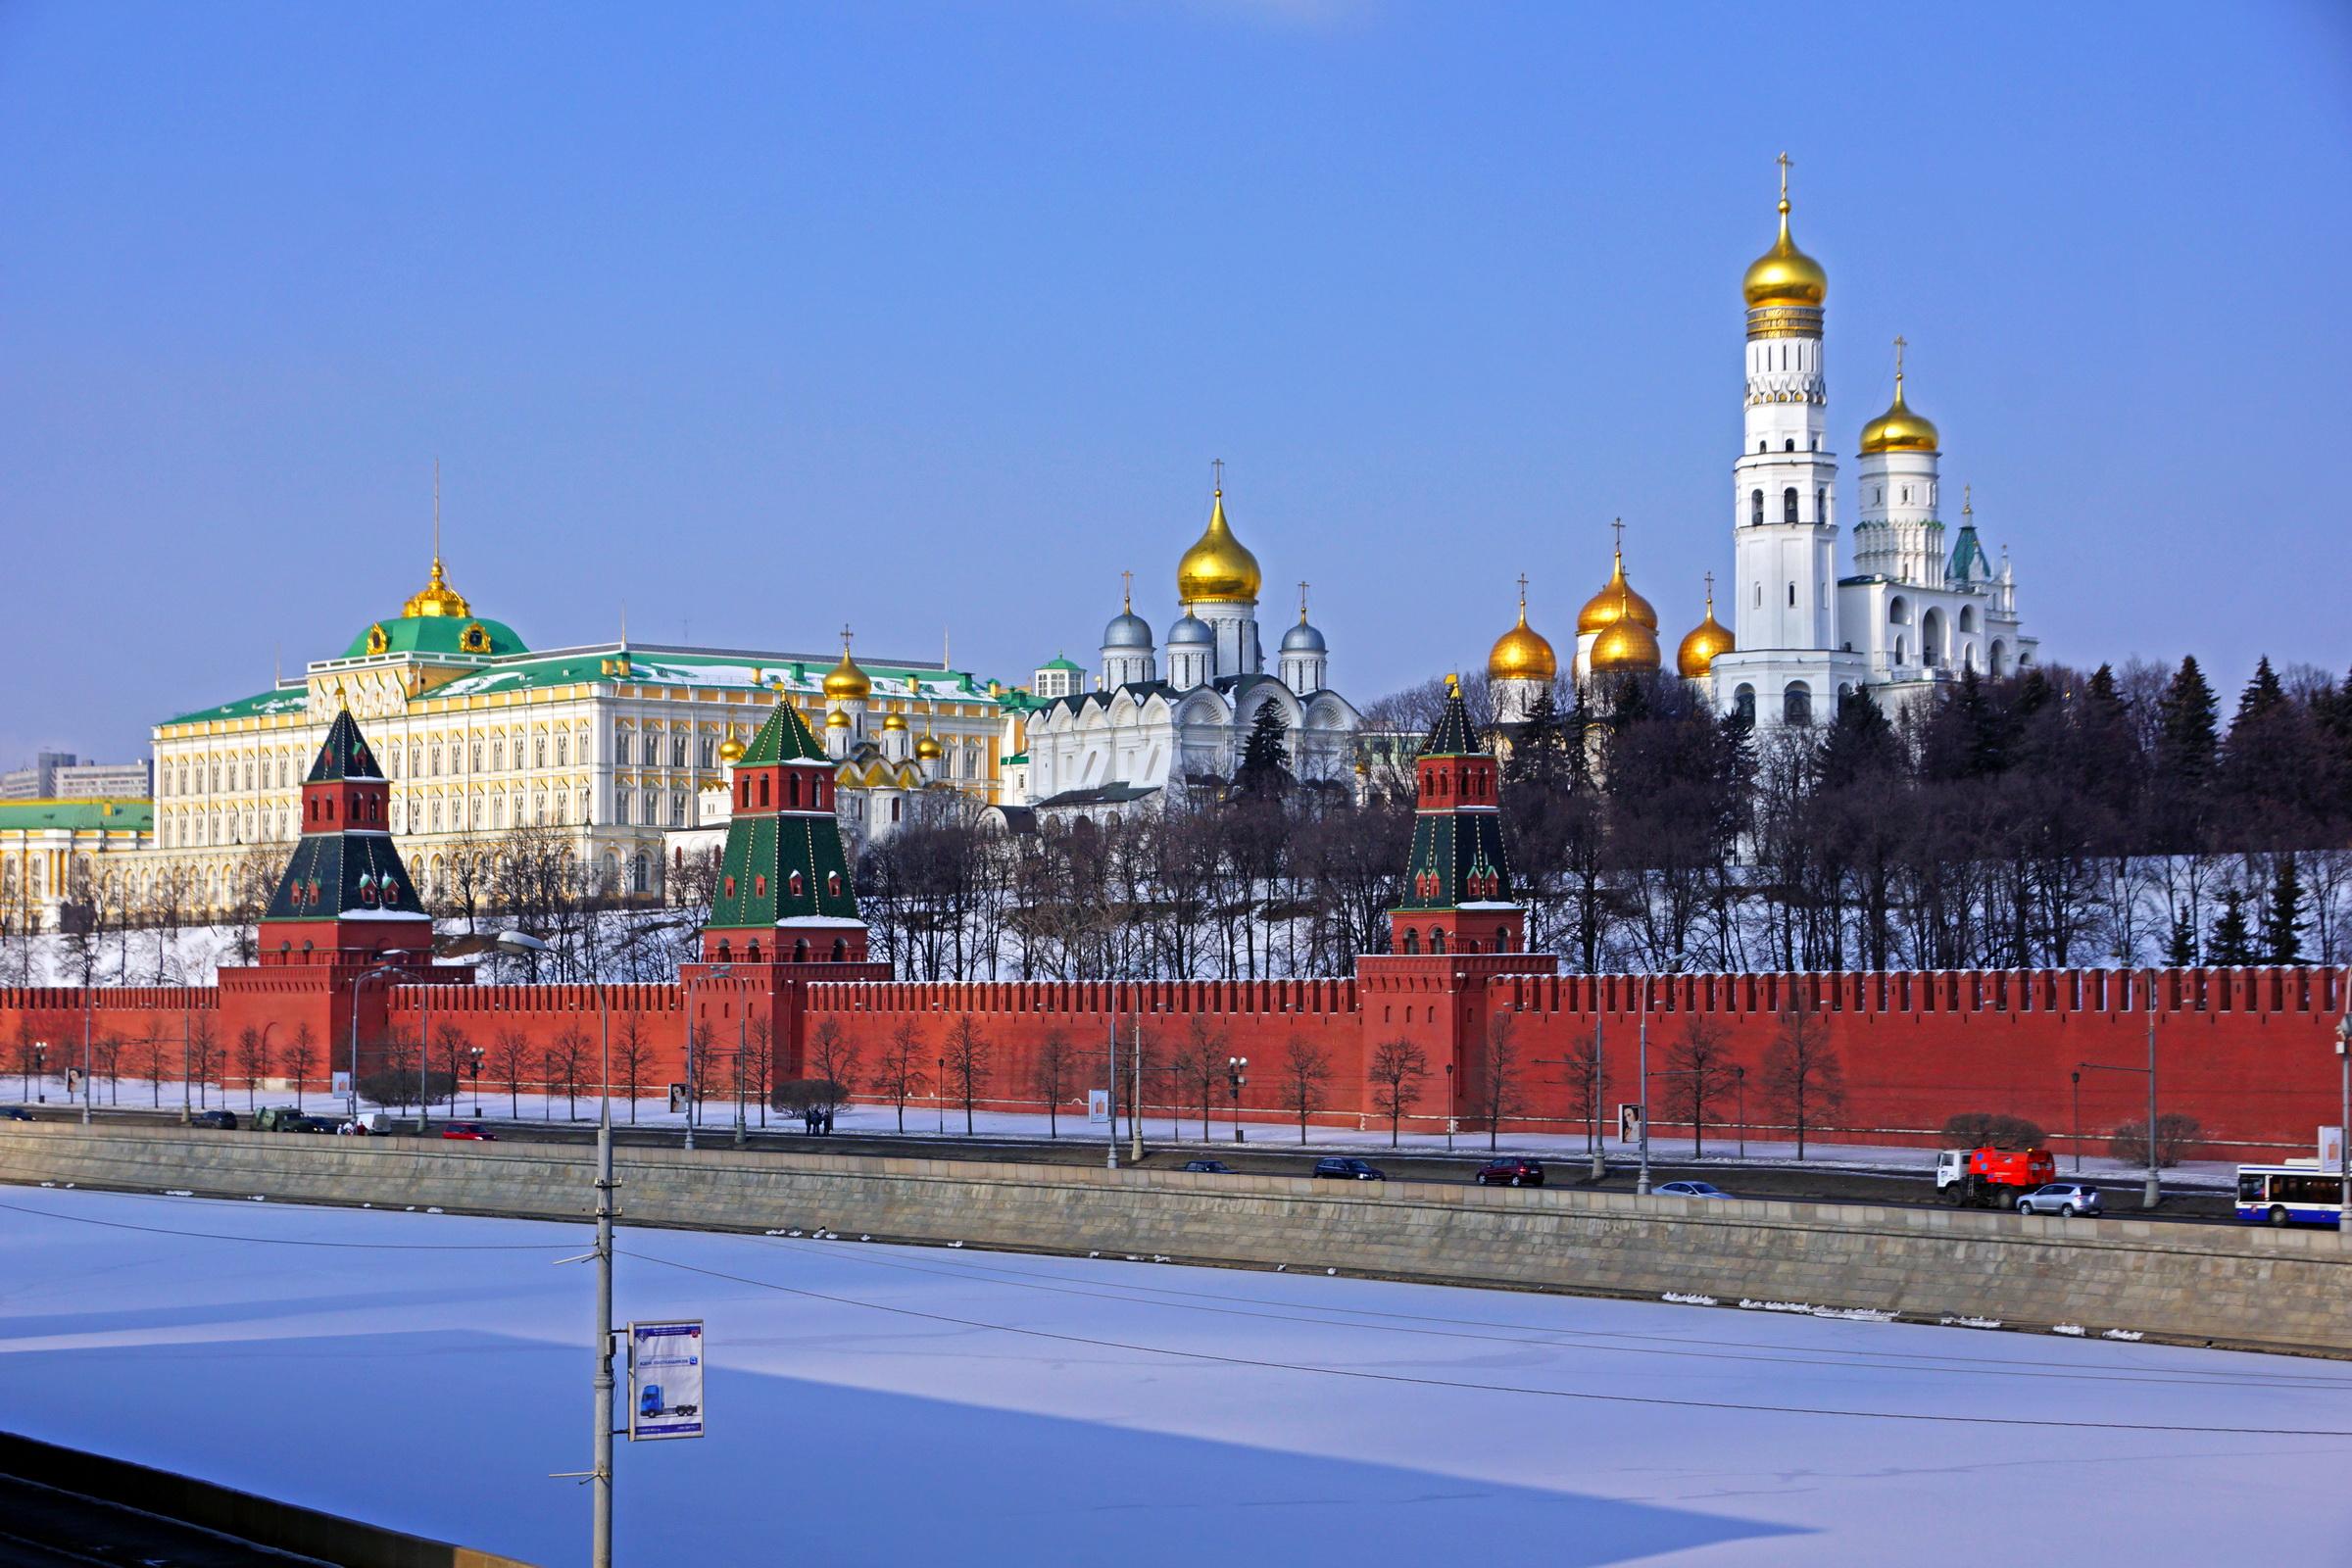 скачать на обои на рабочий стол кремль № 1126786 загрузить